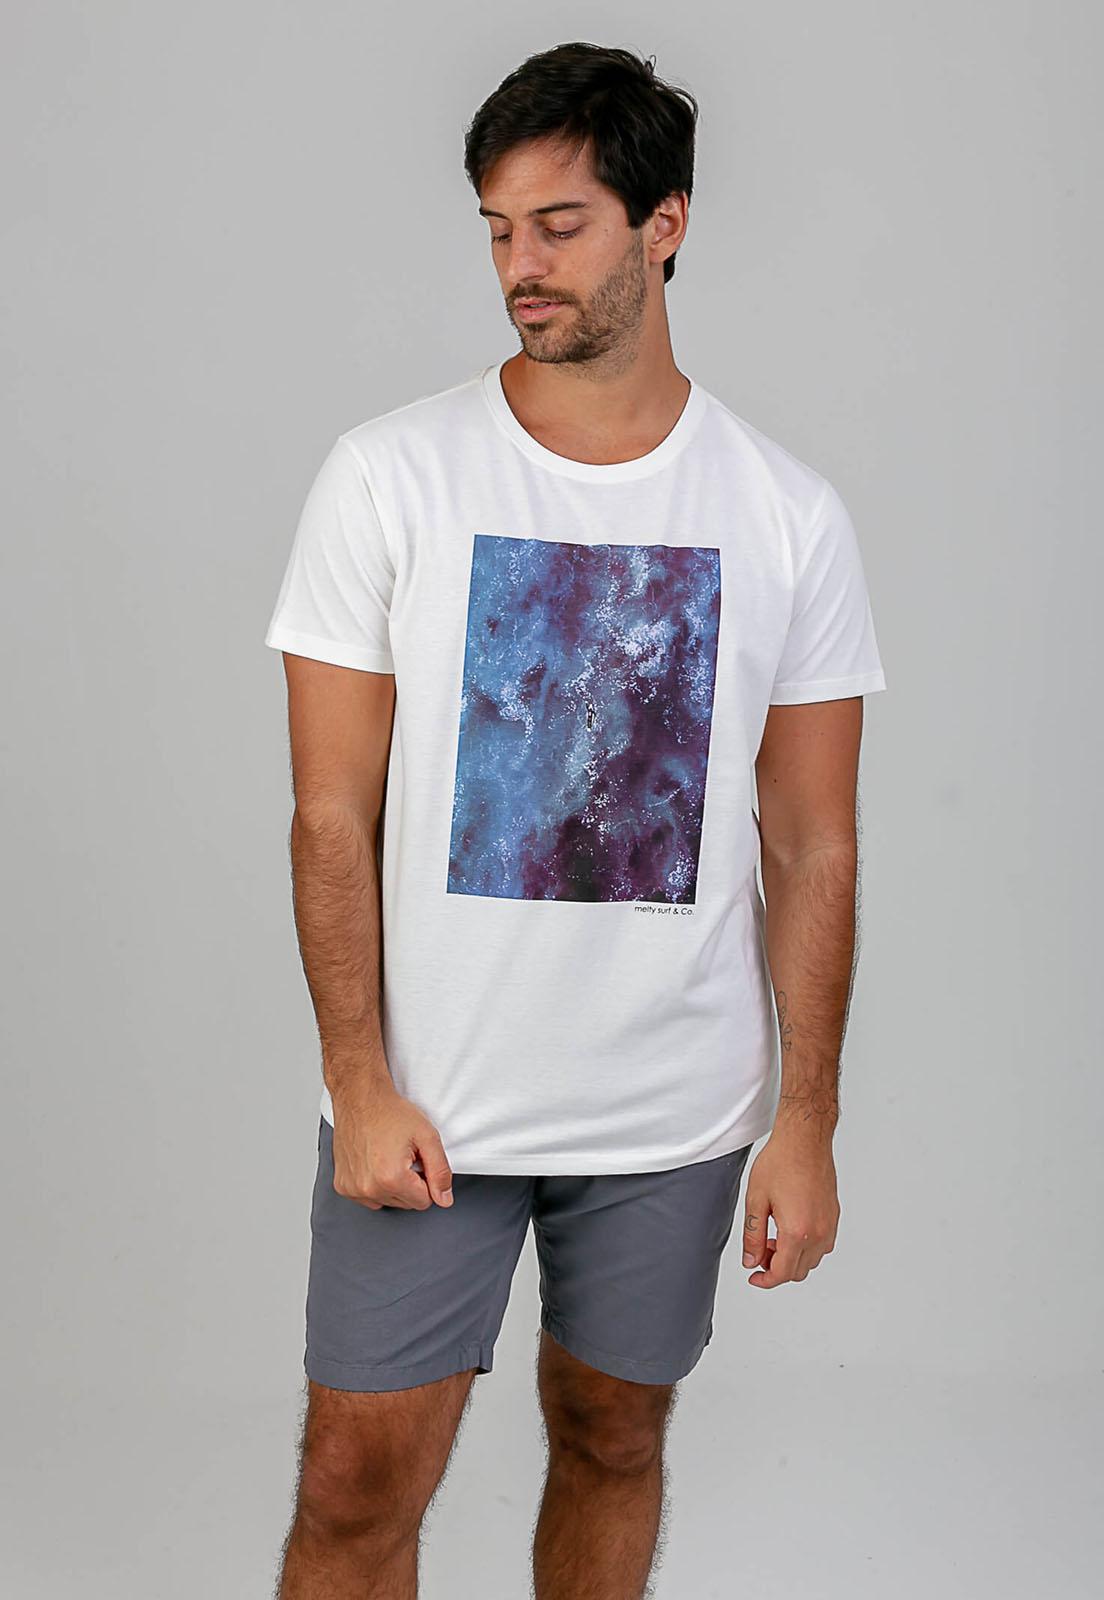 T-shirt Arrebentação branco melty  - melty surf & Co.